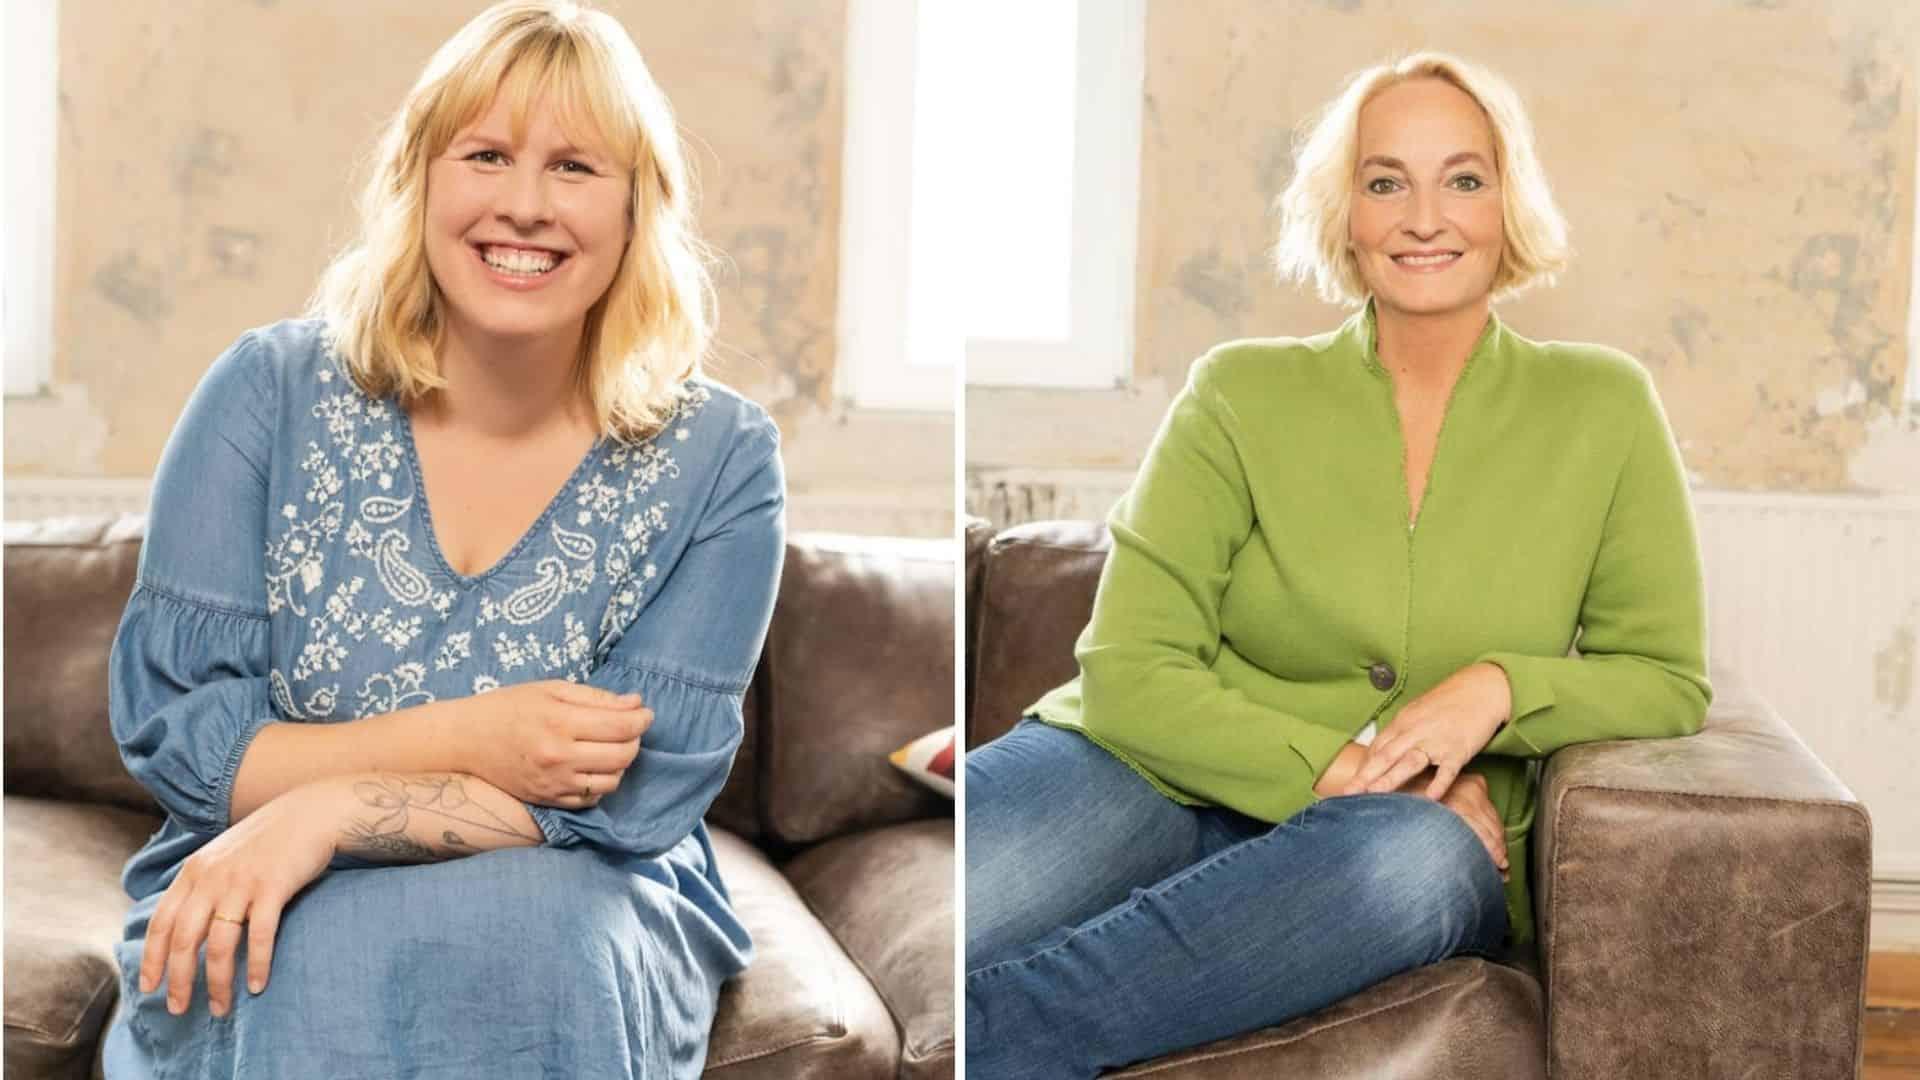 Expertinnen für das Babyliebe-Magazin von Edeka: Hebamme Maren und Hebamme Tatjana